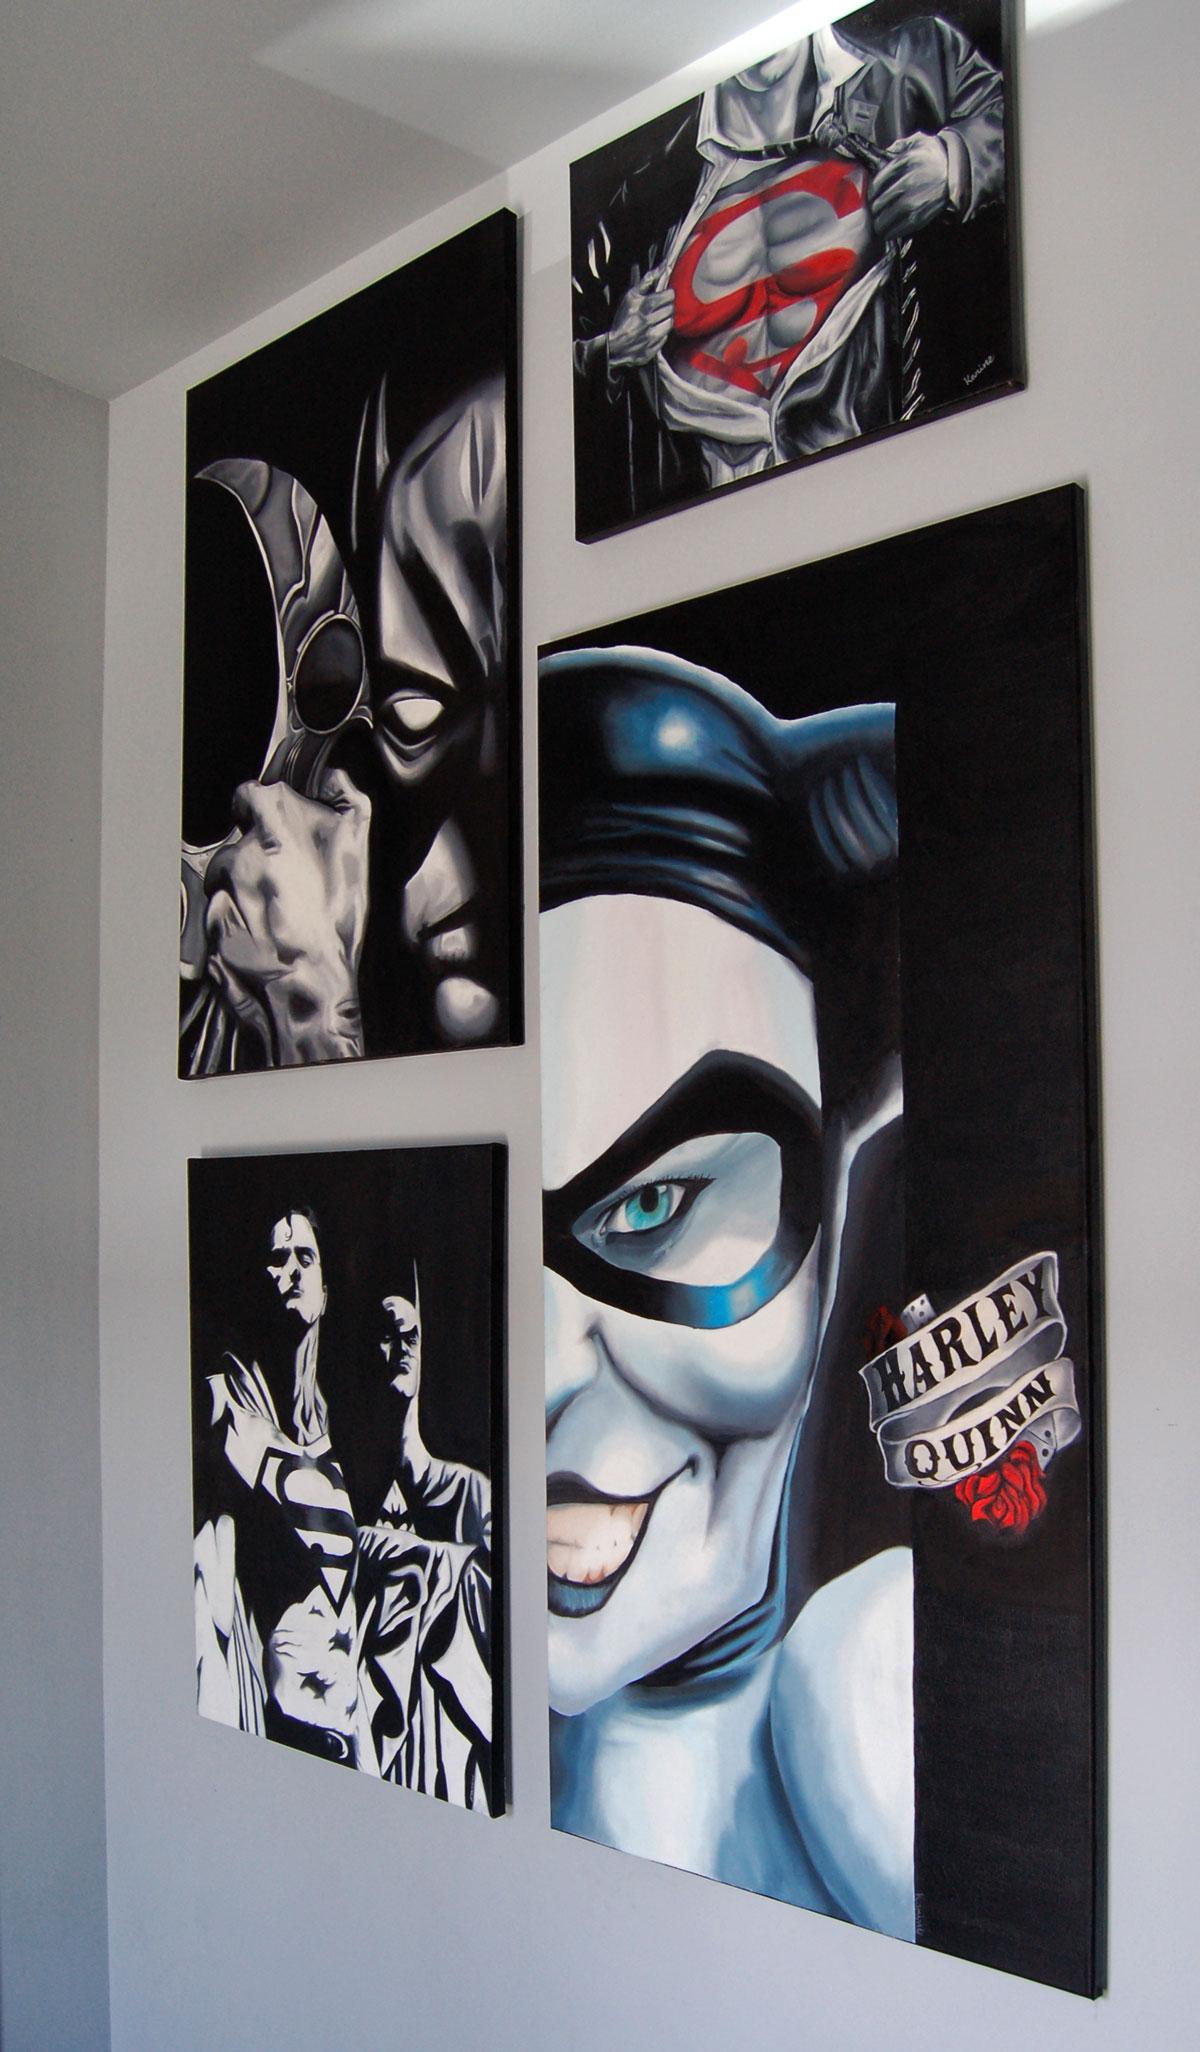 kb-peinture-harley-quinn-batman-superman-karine-bujold-fevrier-14